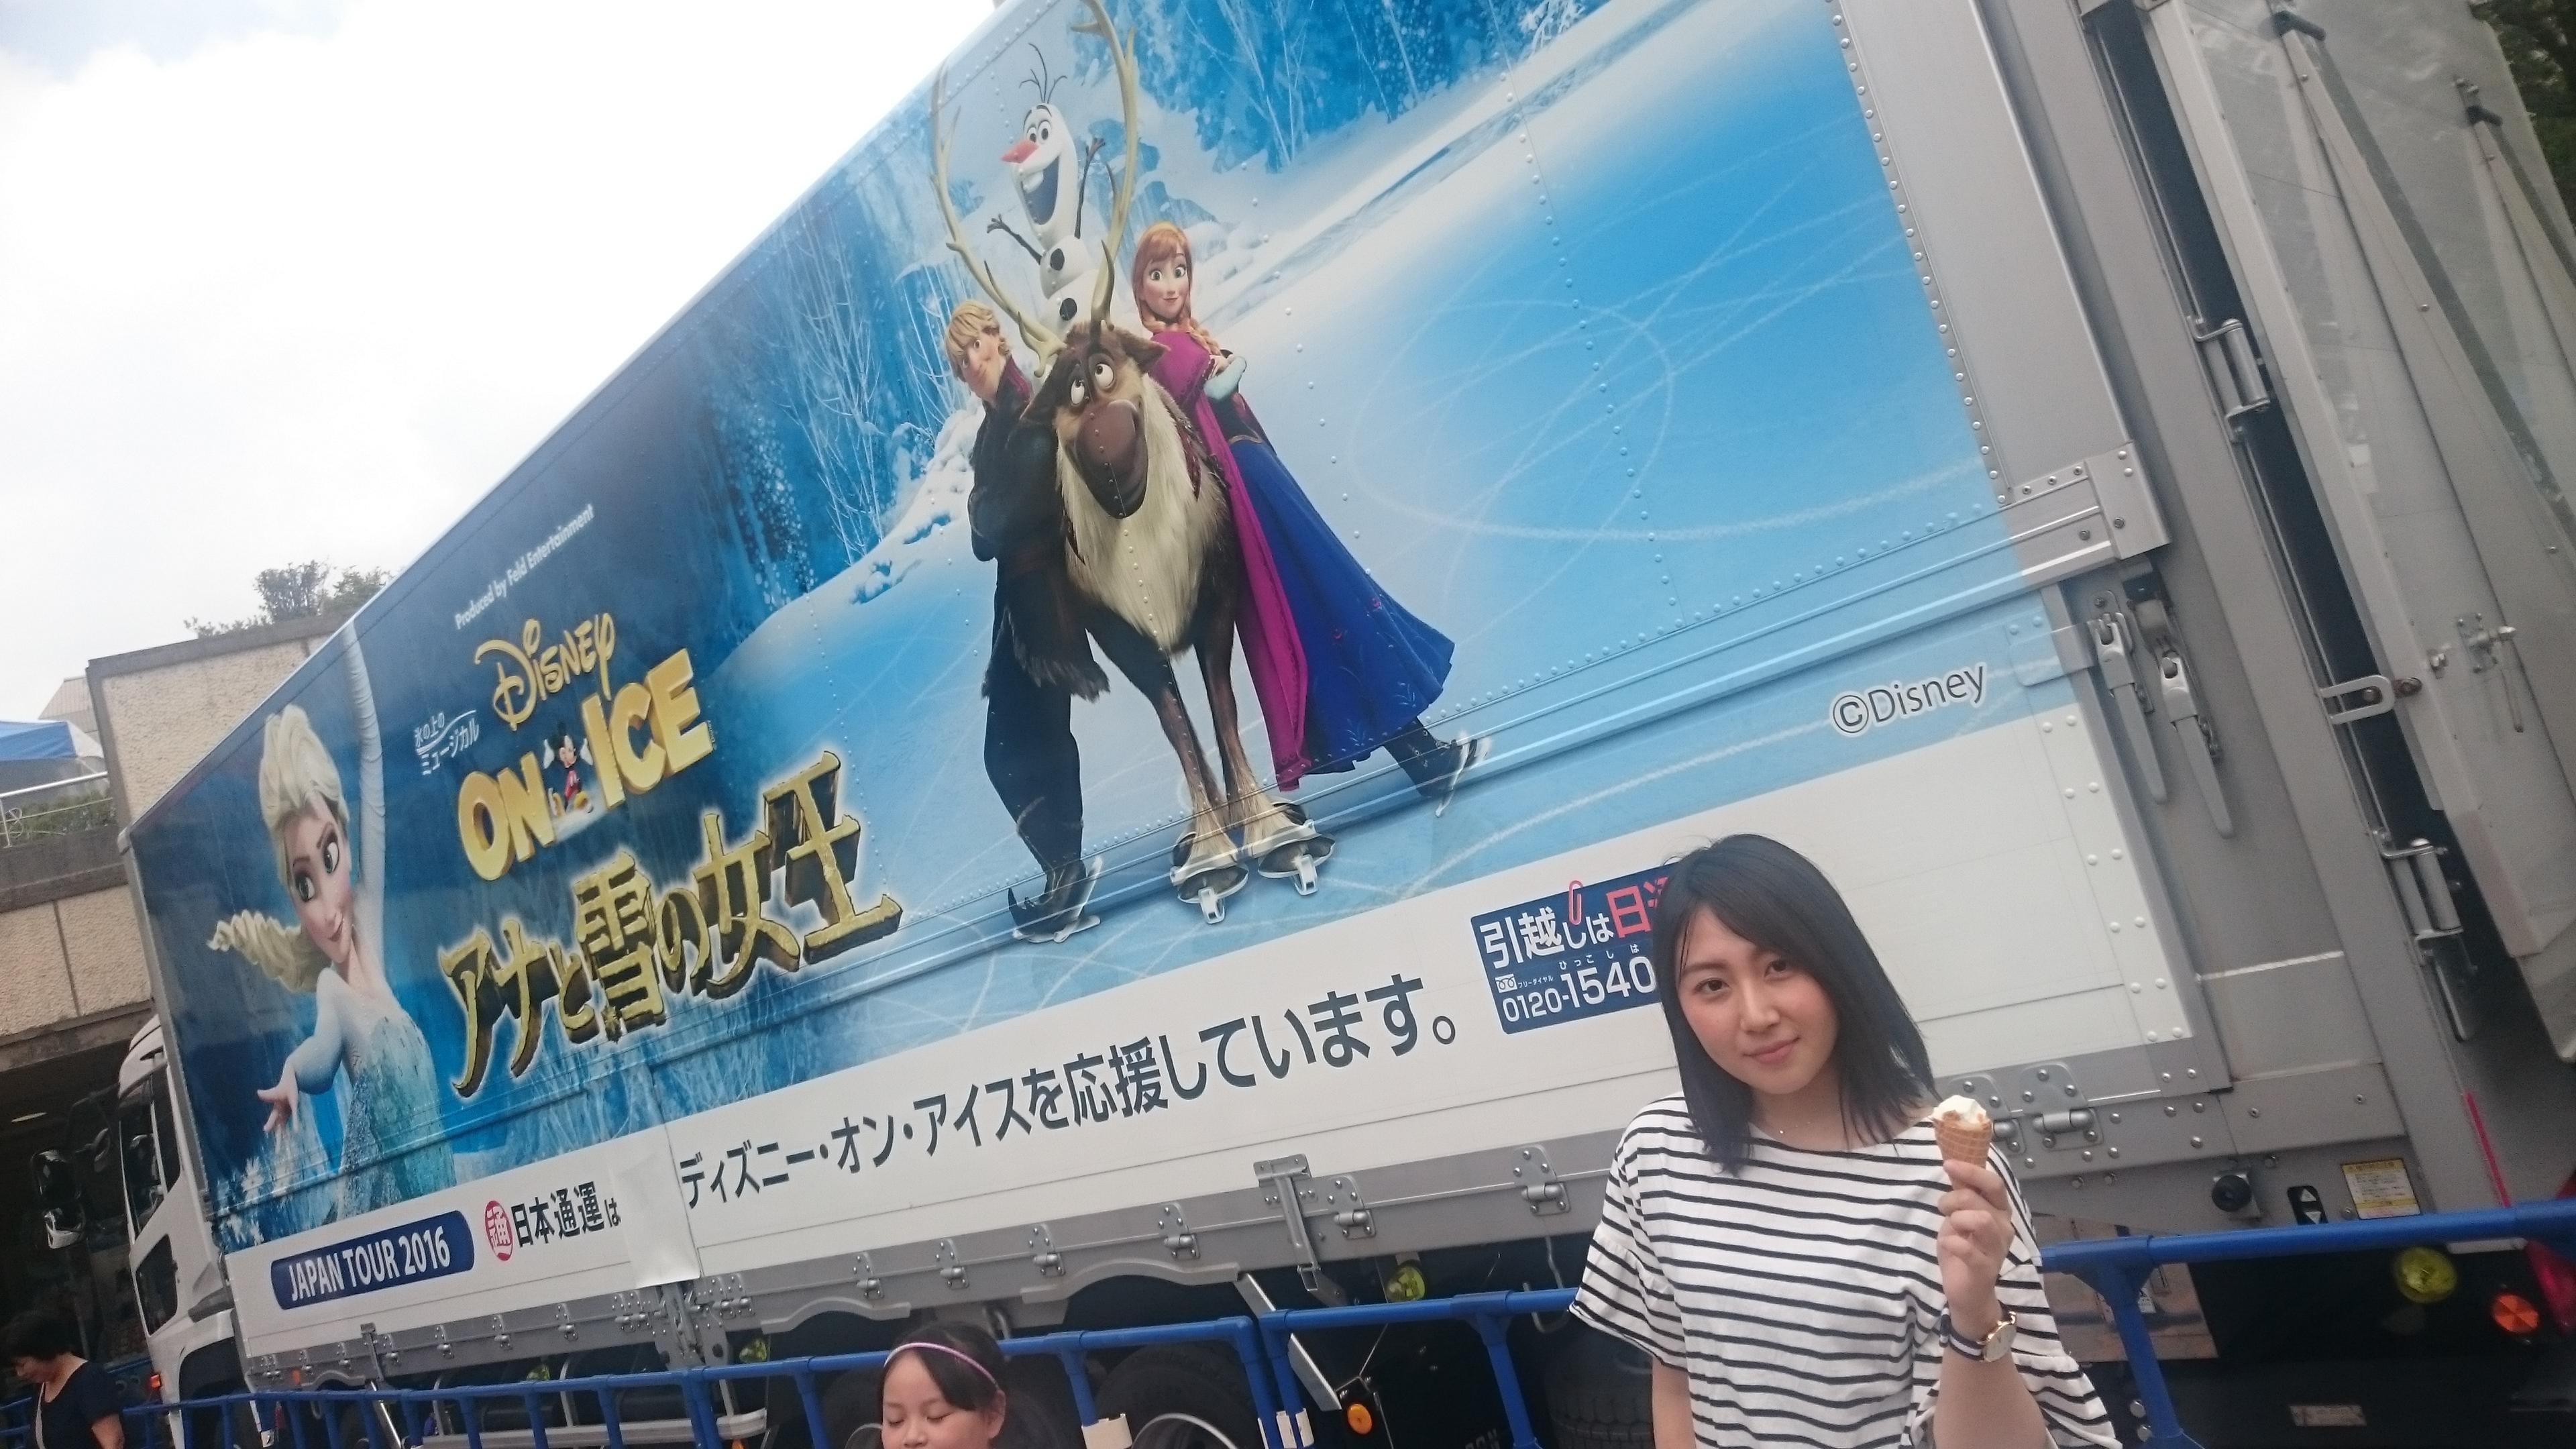 ディズニー好き必見‼Disney on ice( ´∀`)